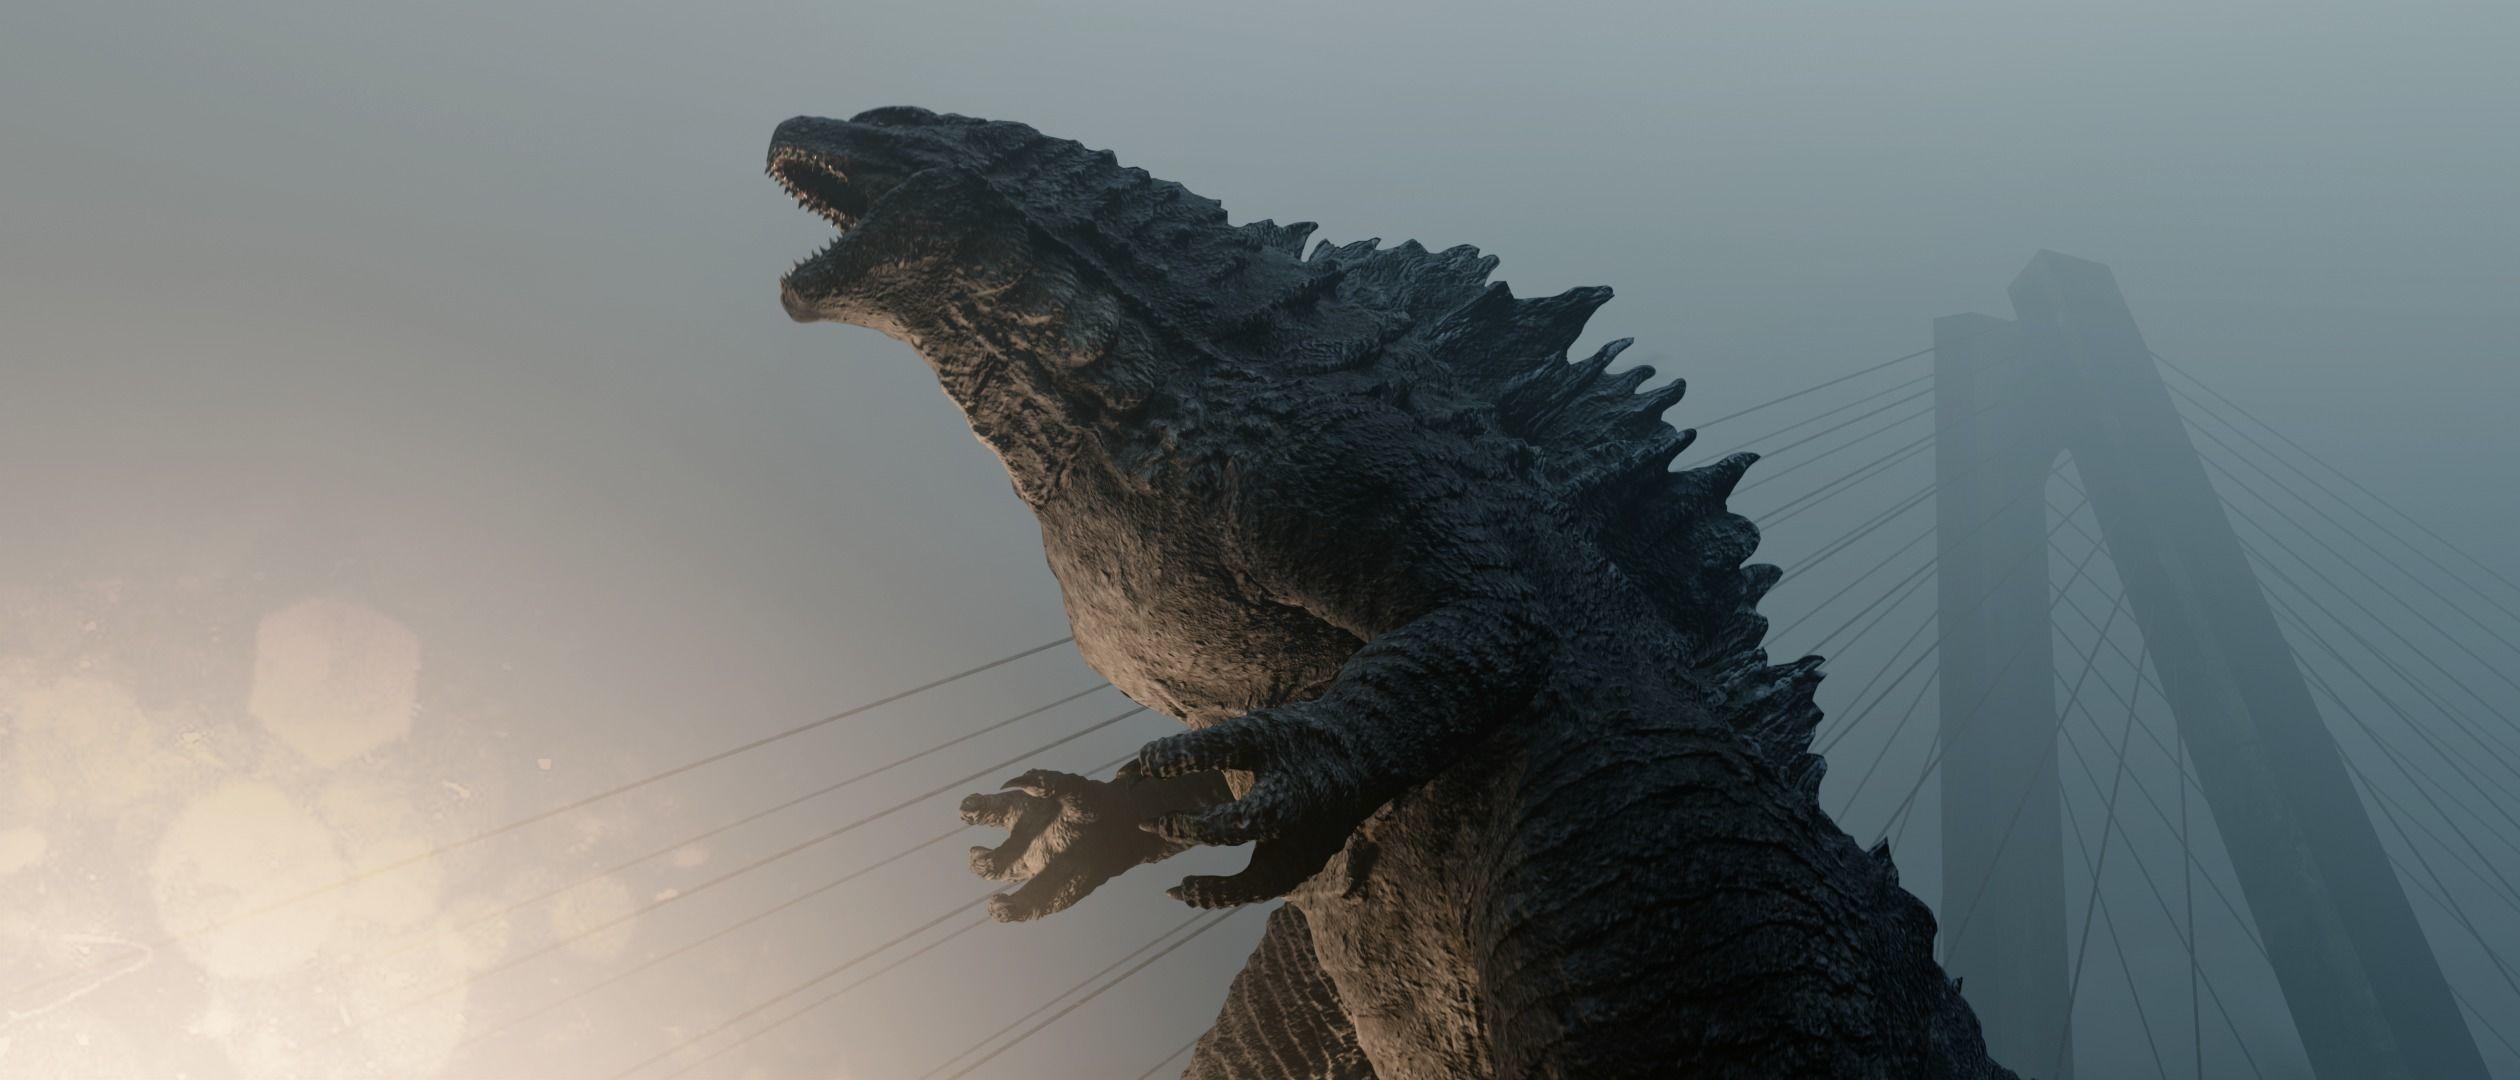 Godzilla kaiju titan